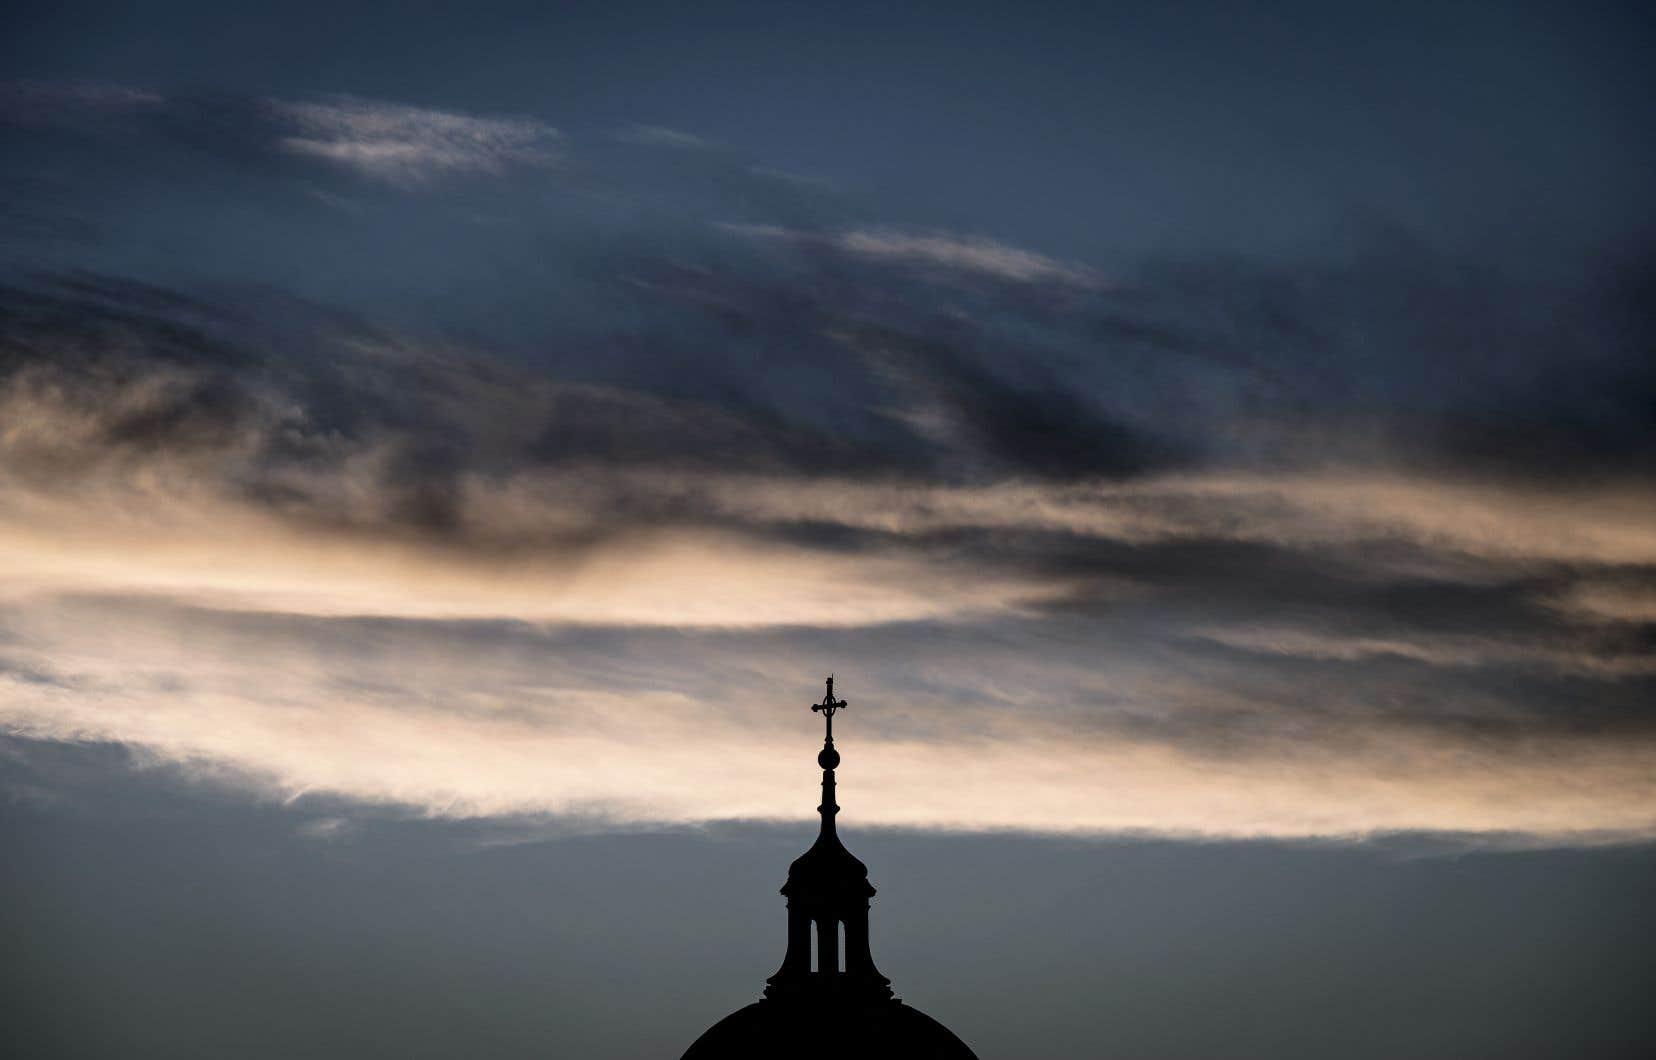 Le nombre comprend des agressions commises par quelque 3000 prêtres et autres personnes impliquées dans l'Église.